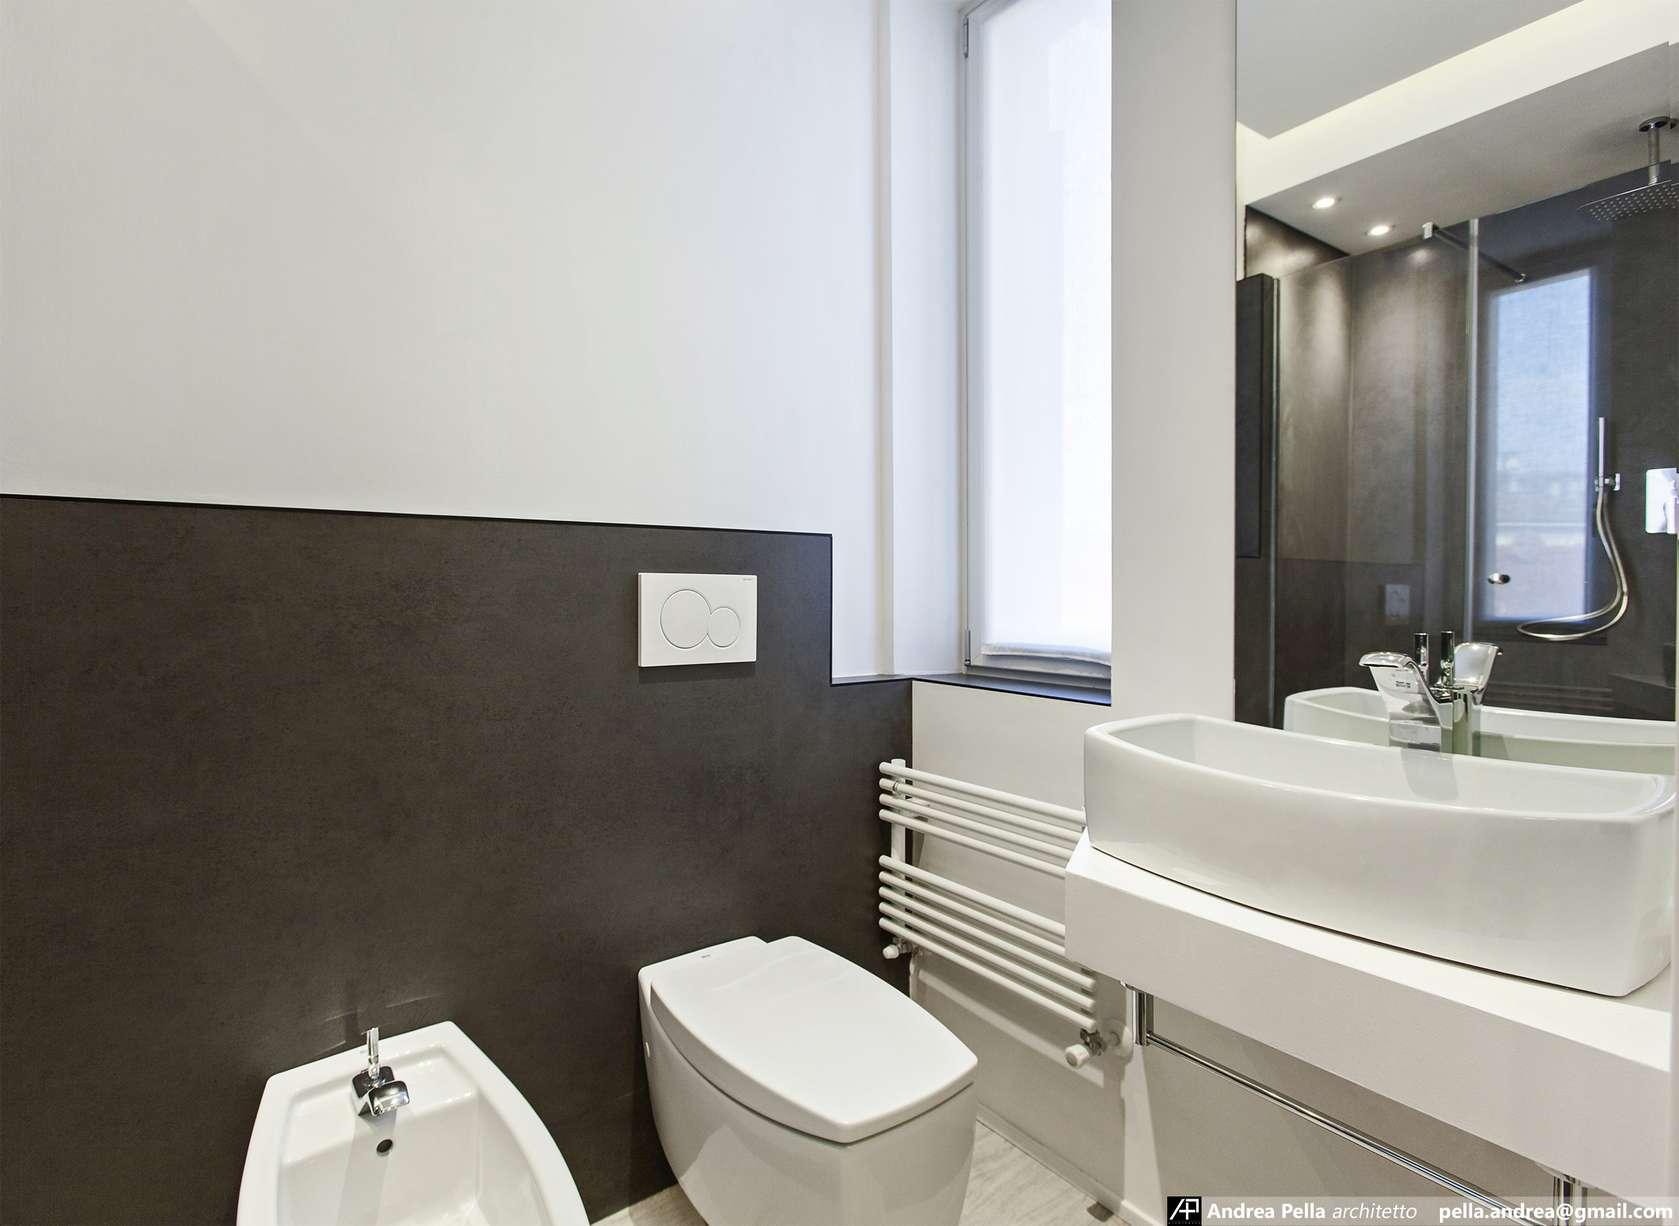 малък апартамент в минималистичен стил - 12